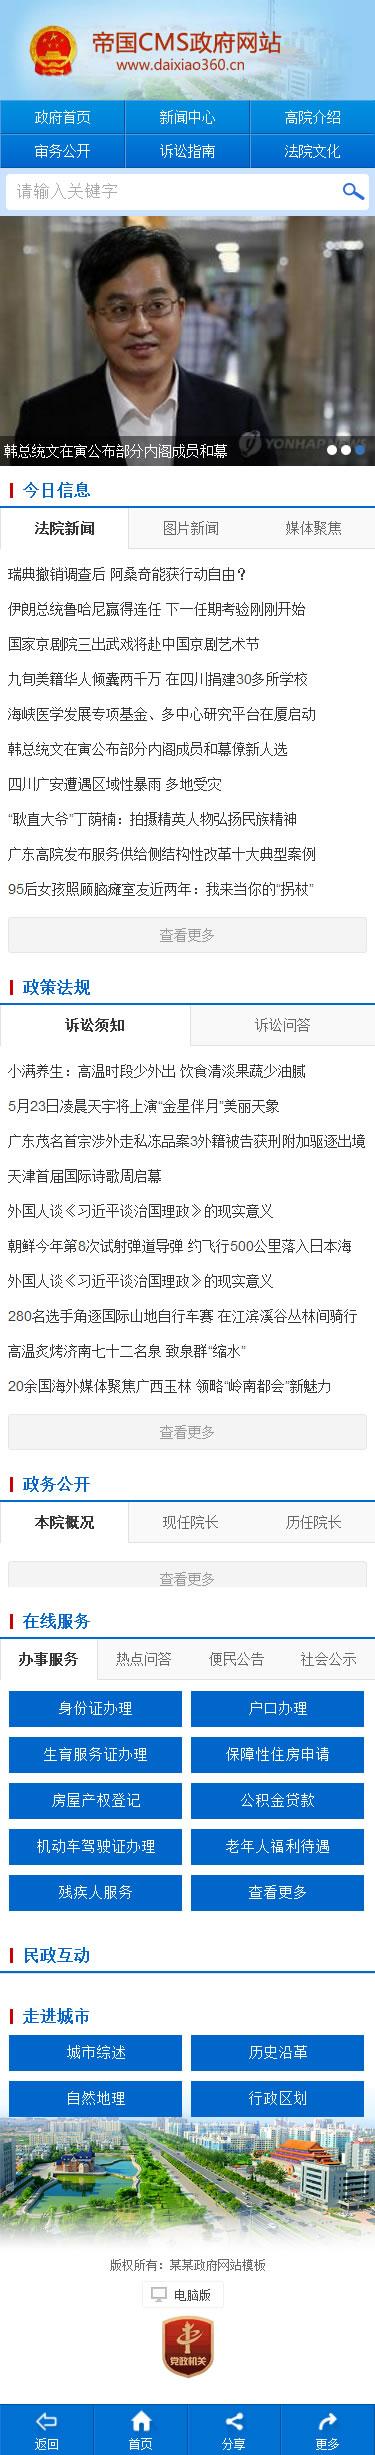 帝国CMS政府部门网站手机模板机关党建网站WAP模板可以改颜色_首页